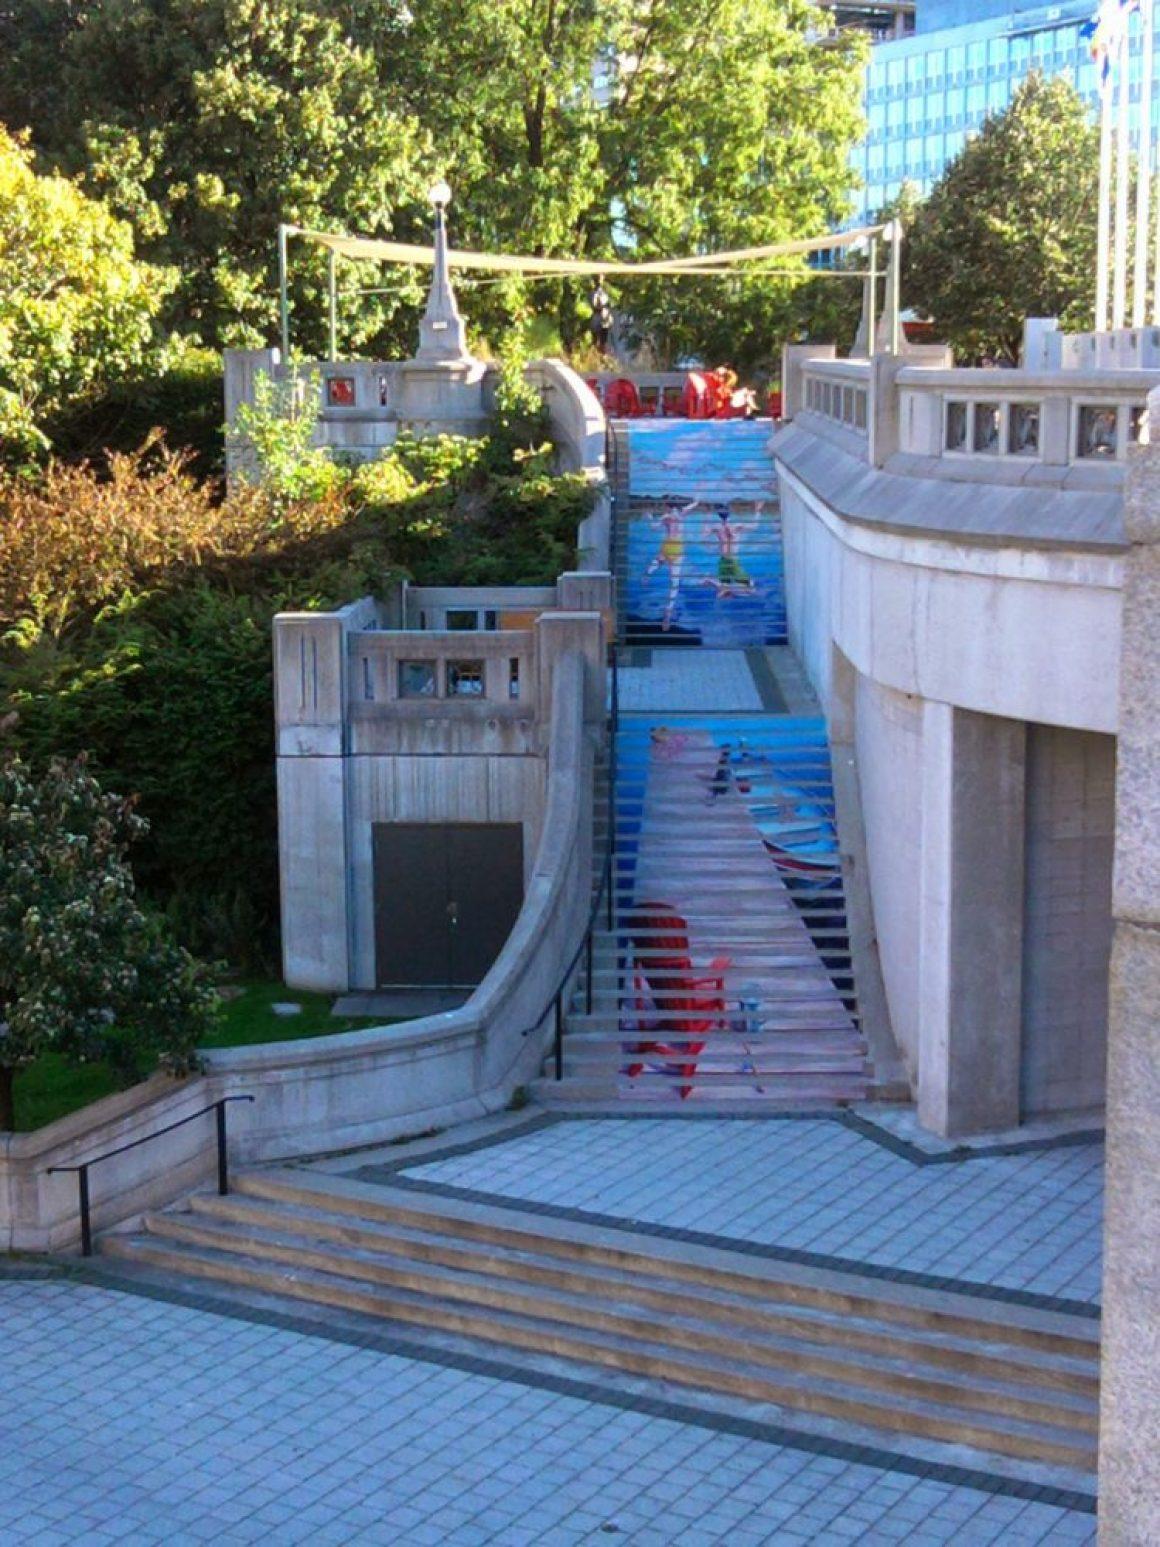 nghệ thuật đường phố cầu thang tuyệt vời trên khắp thế giới, Ottawa - Canada-4